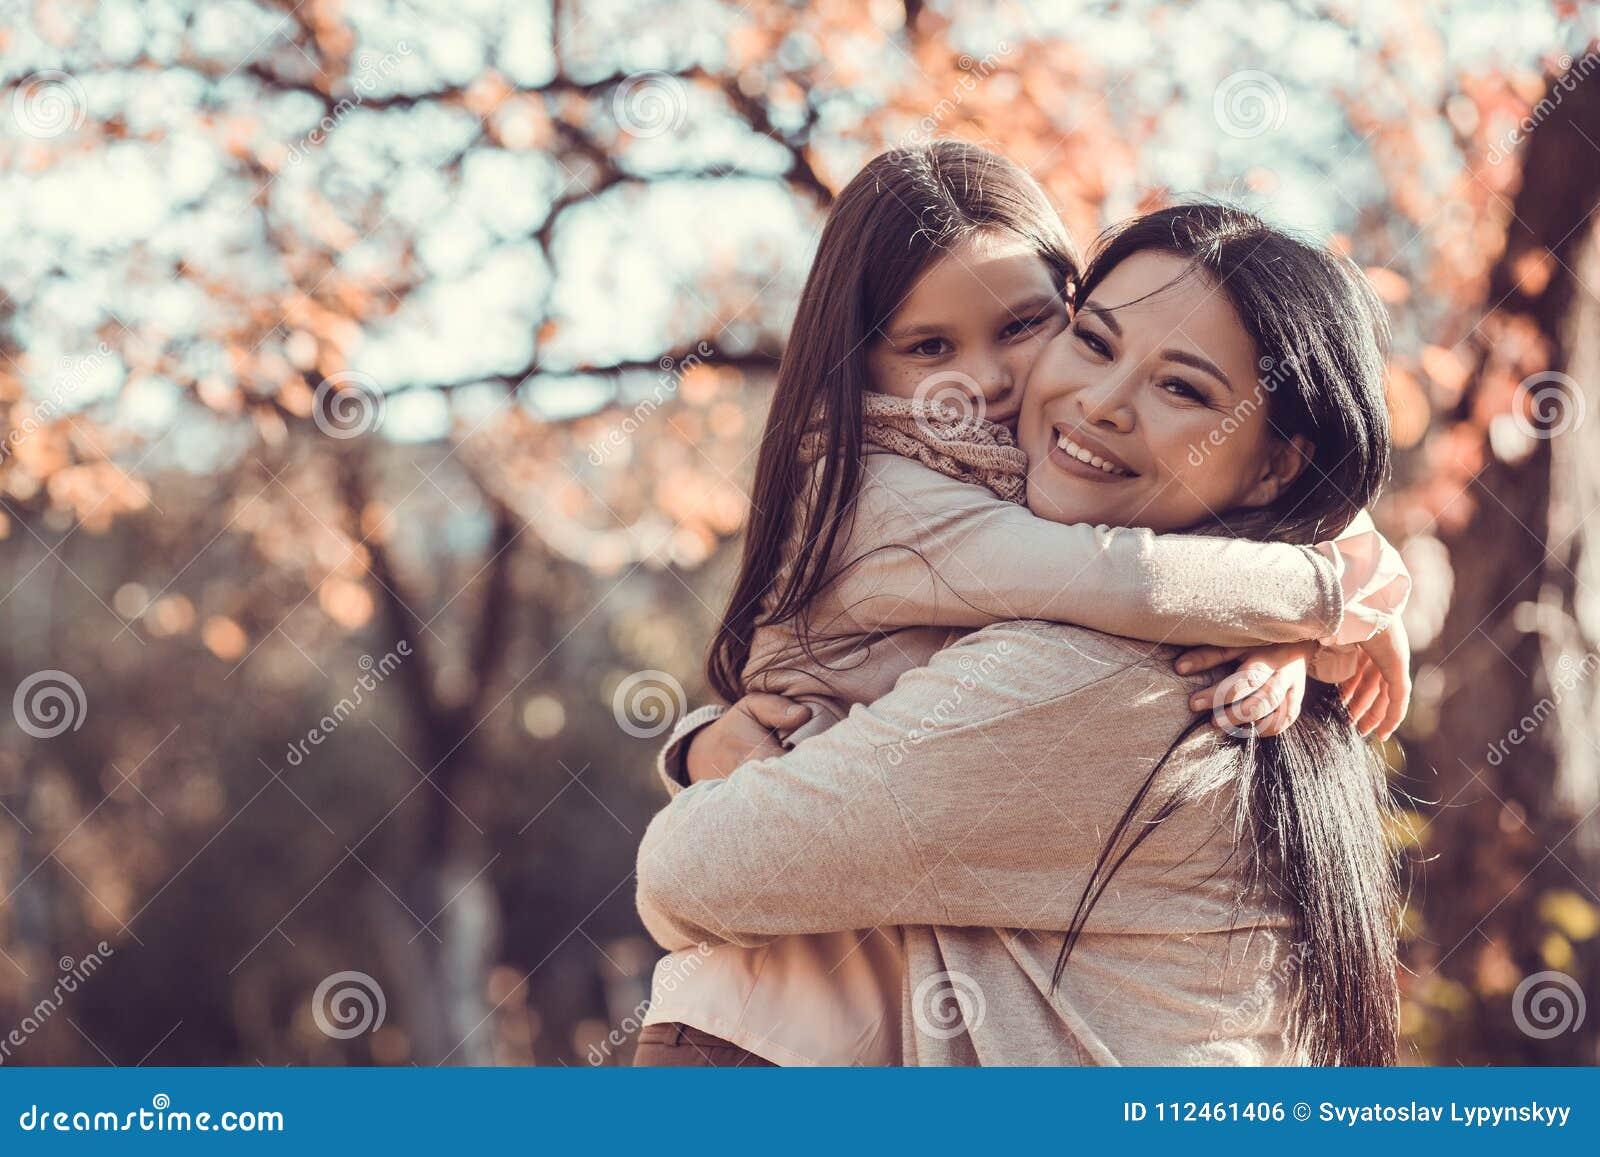 Όμορφη νέα γυναίκα και το παιδί της στον κήπο φθινοπώρου